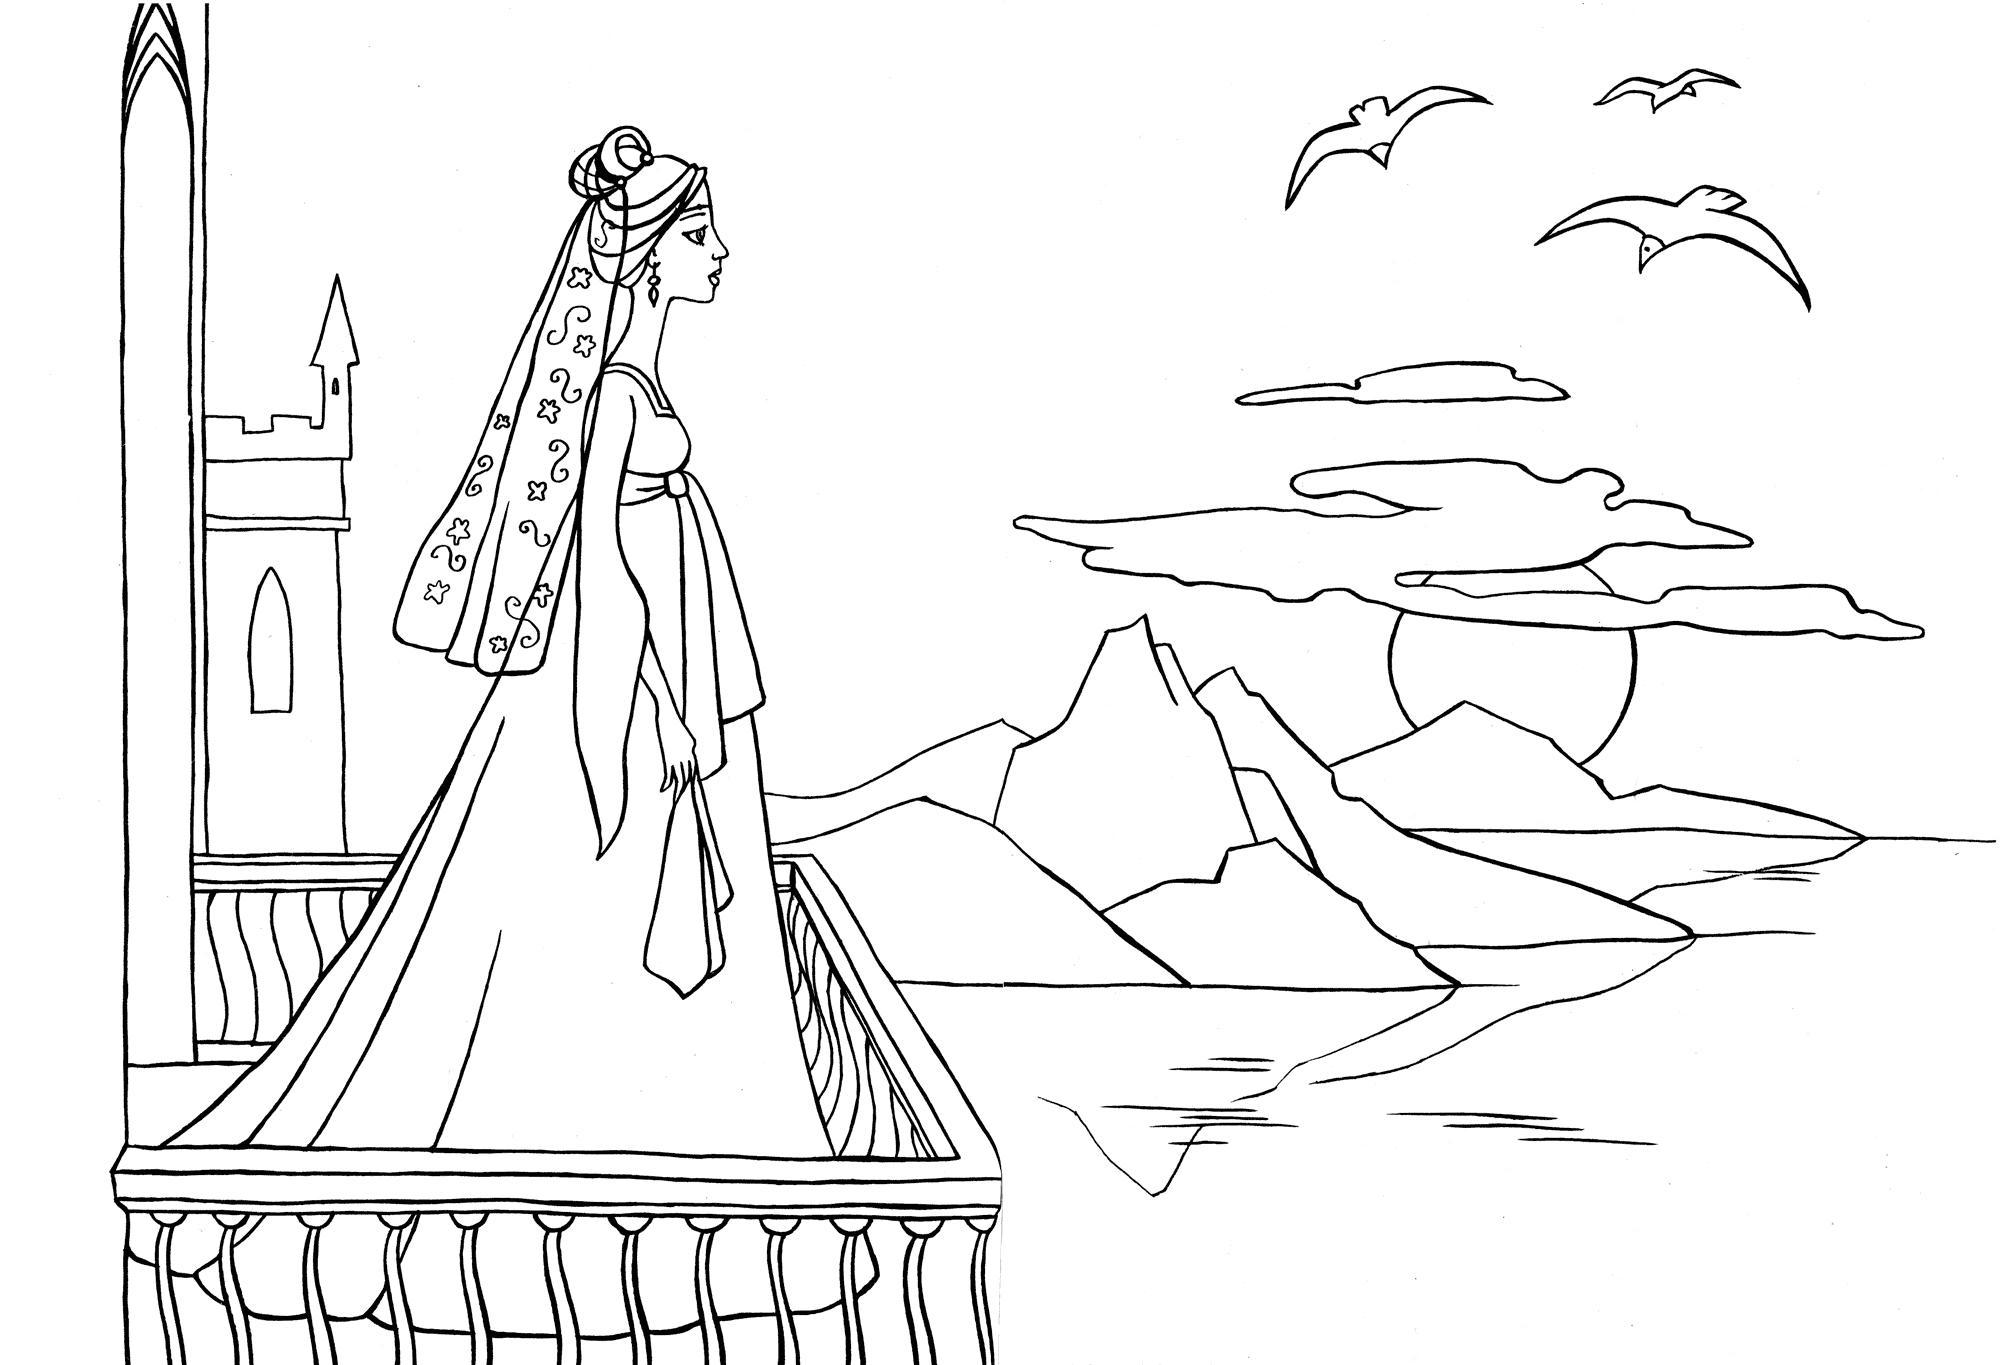 Птица Раскраска закат. раскраска на балконе, королева смотрит на закат, закат солнца, море, балкон дворца, чайка, раскраска королева Раскраски распечатать